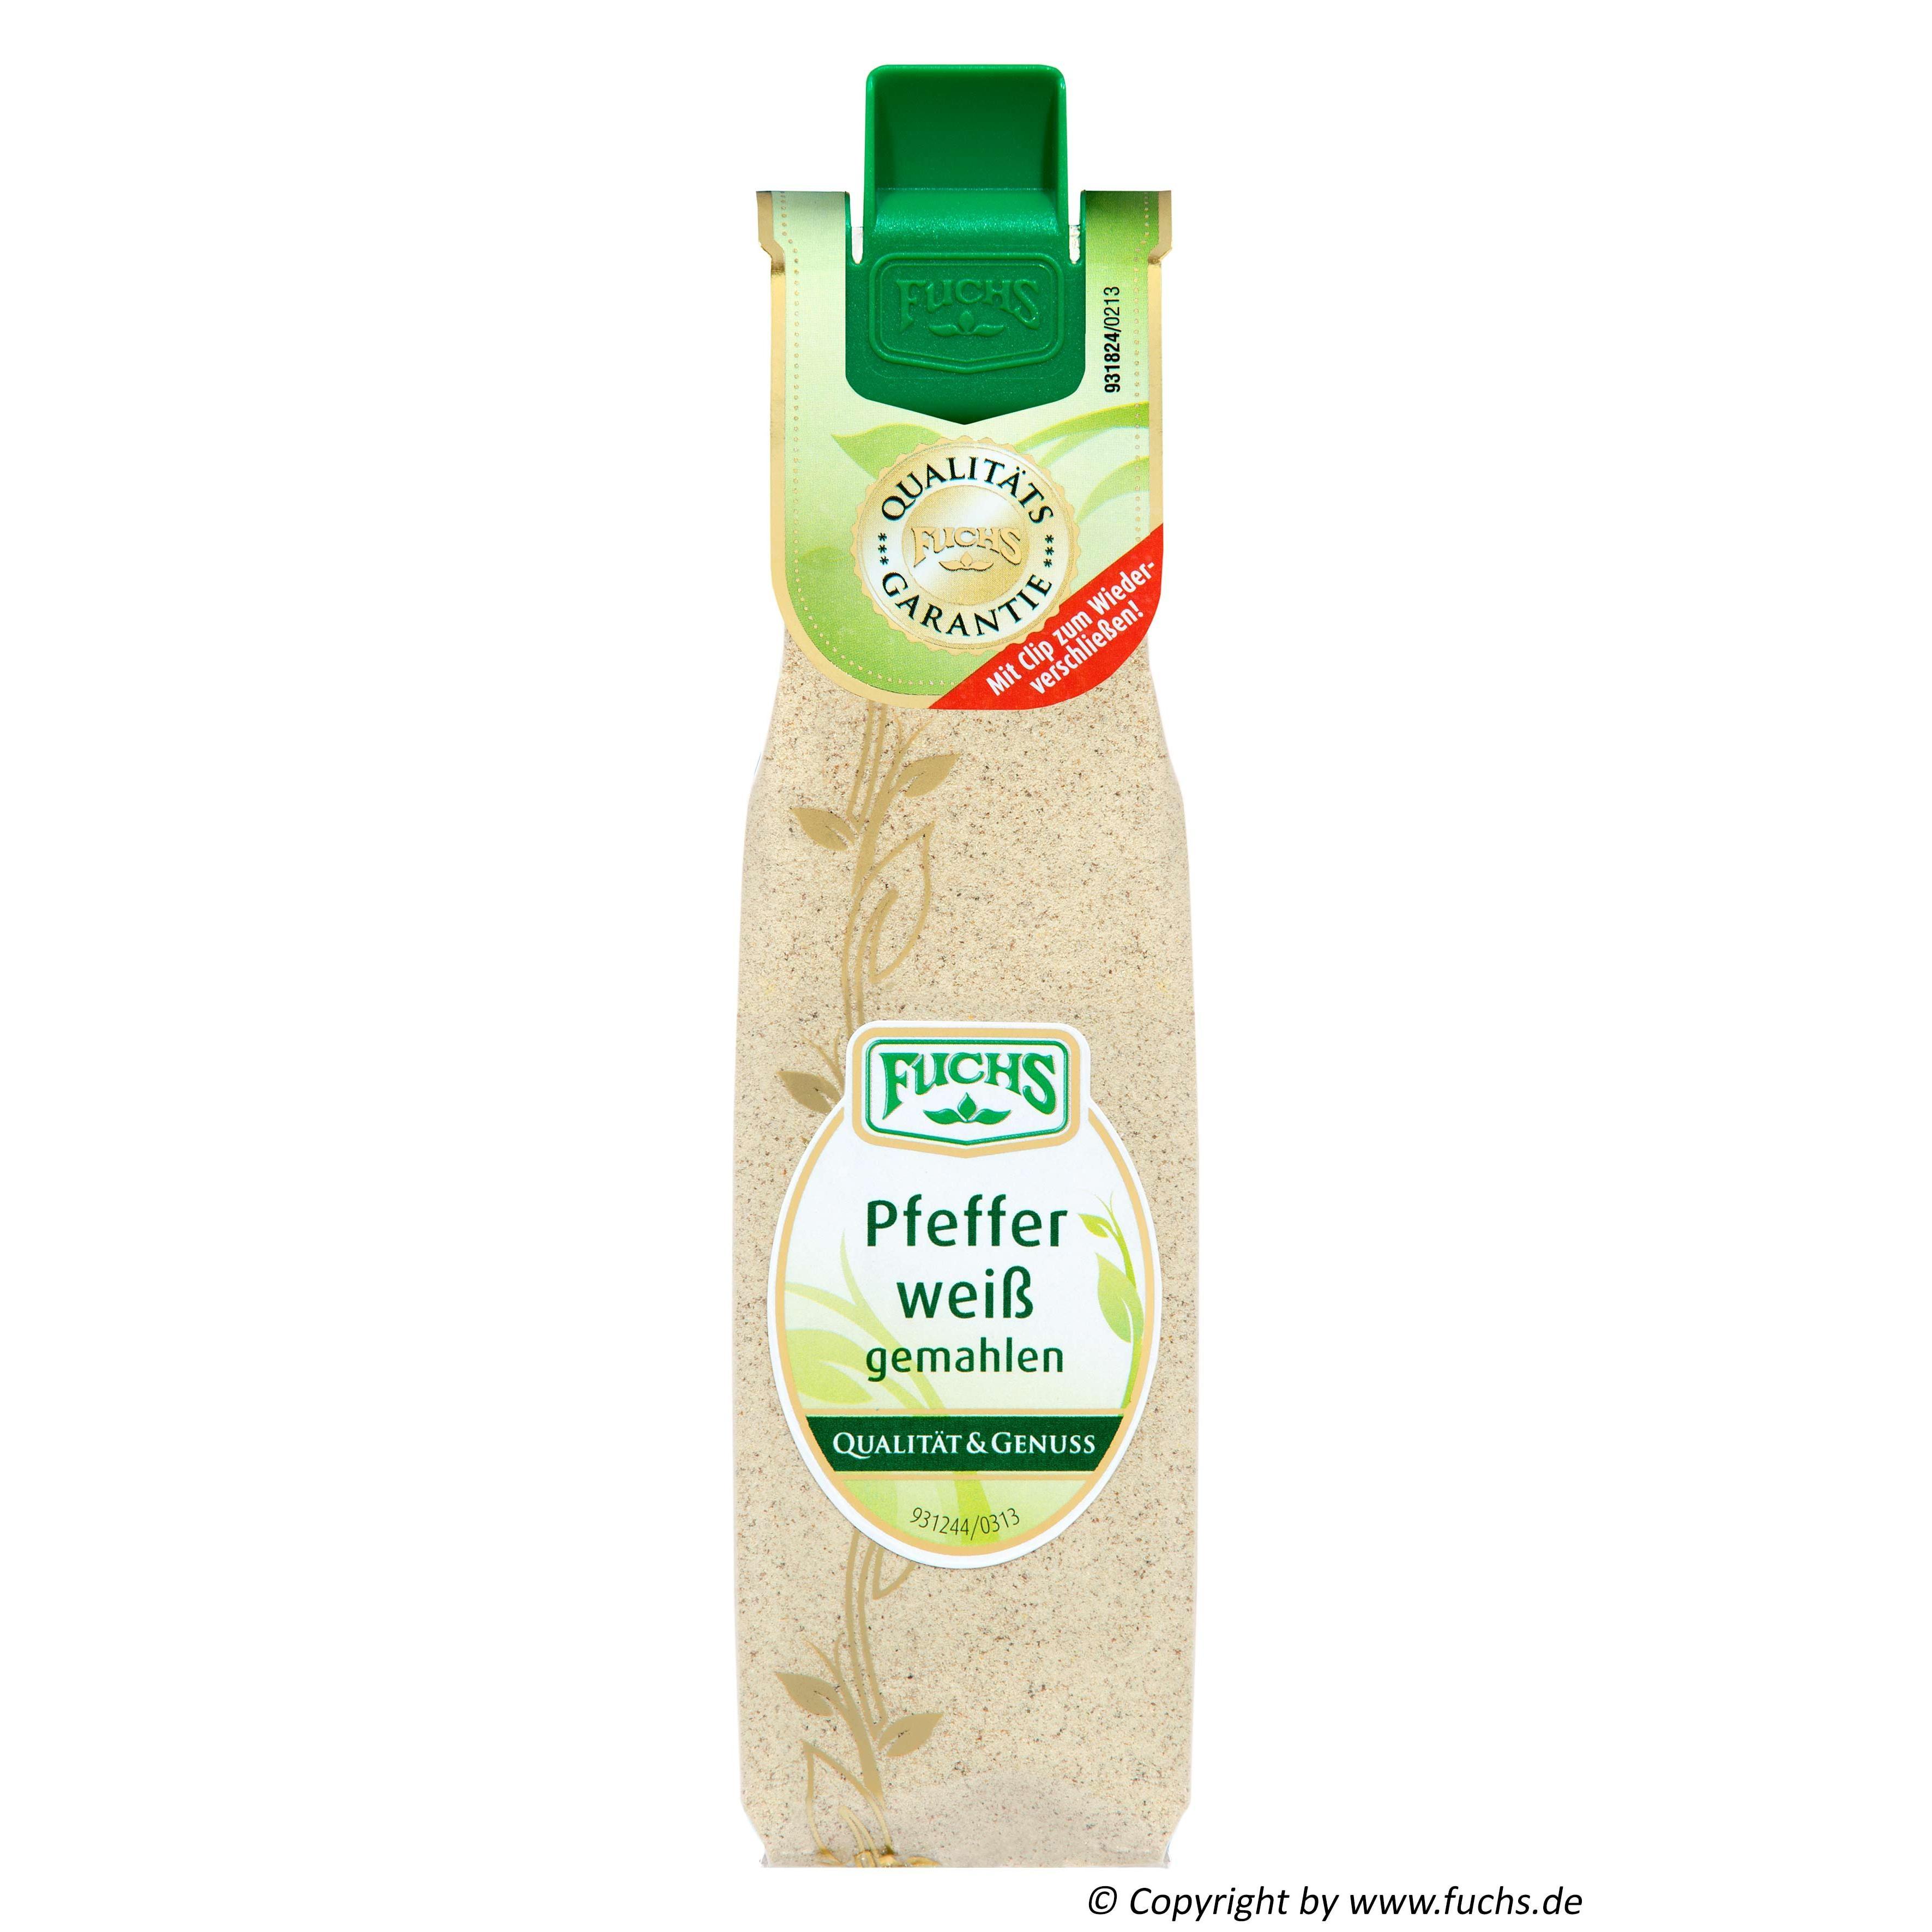 Fuchs - Pfeffer weiß gemahlen - 33g